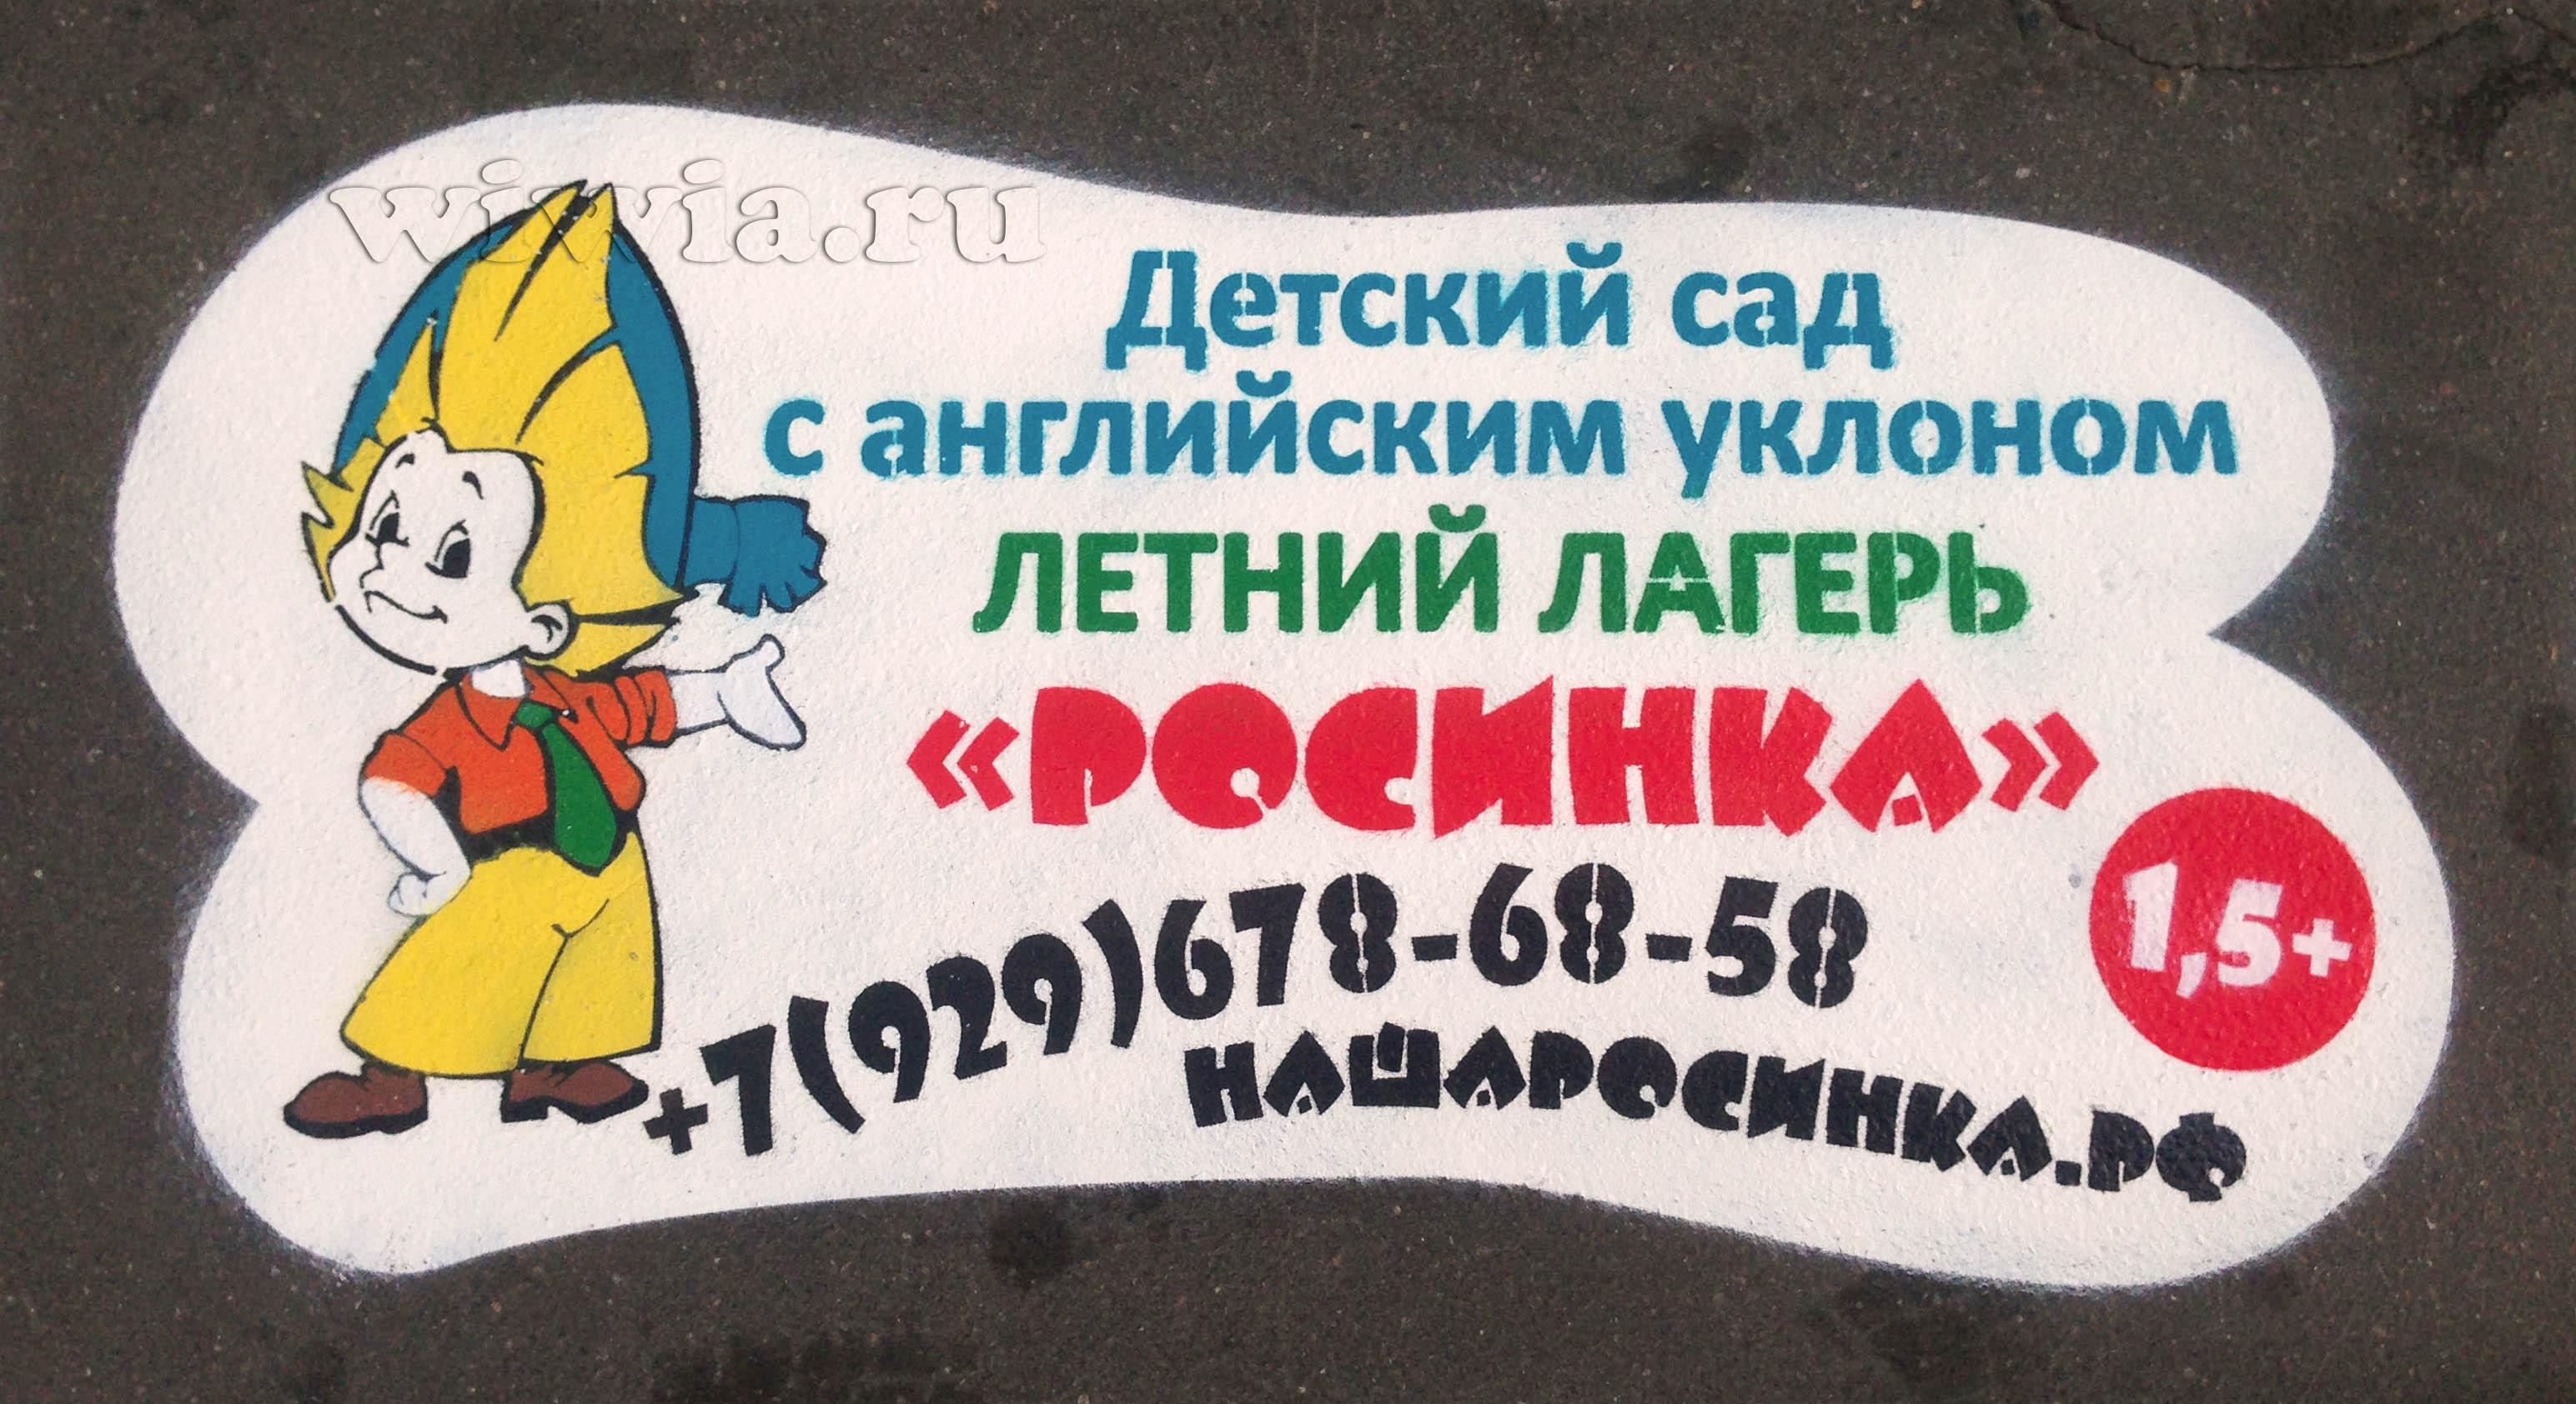 Реклама на асфальте с Незнайкой